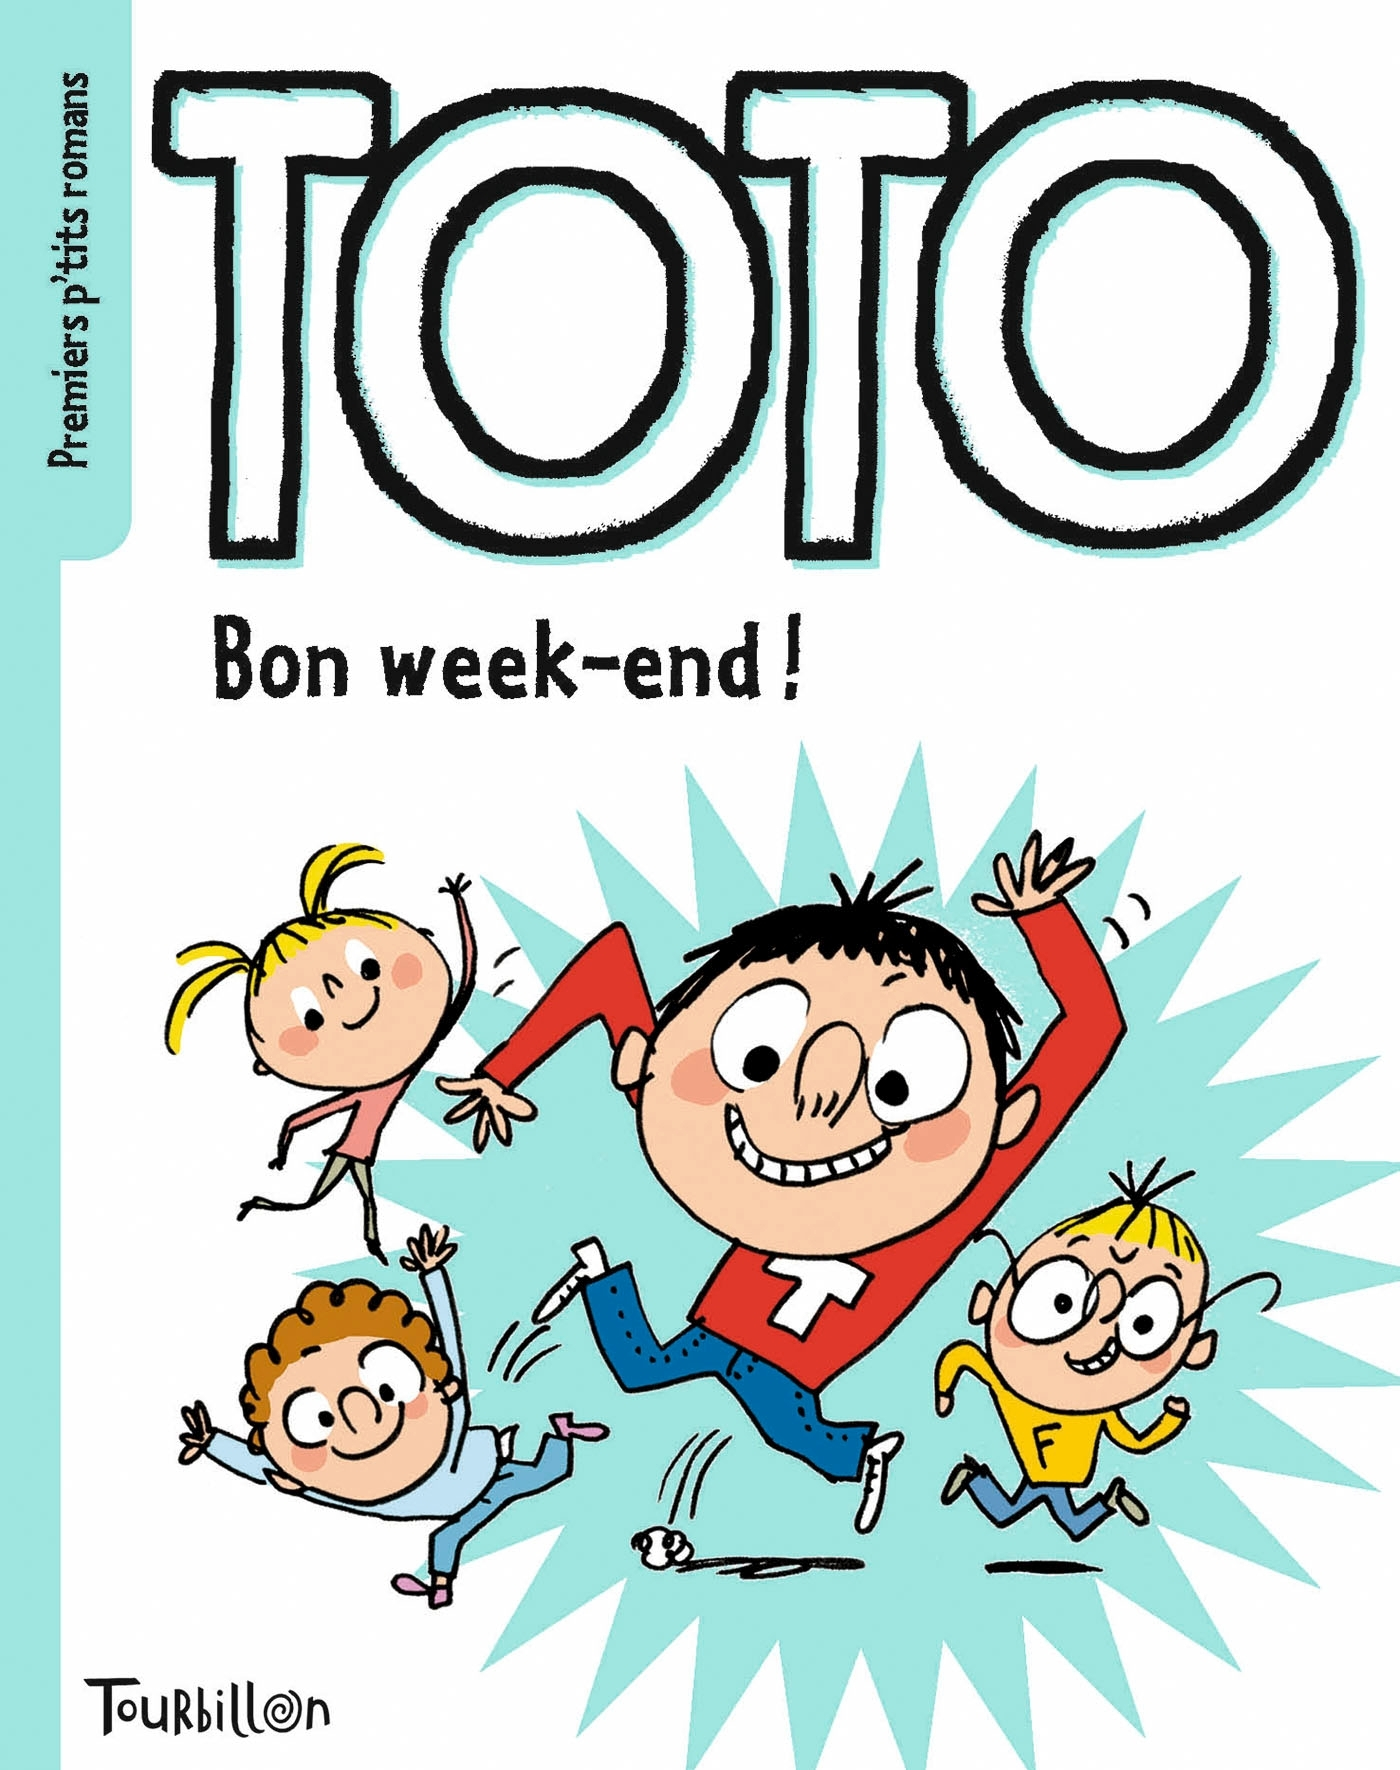 BON WEEK-END, TOTO